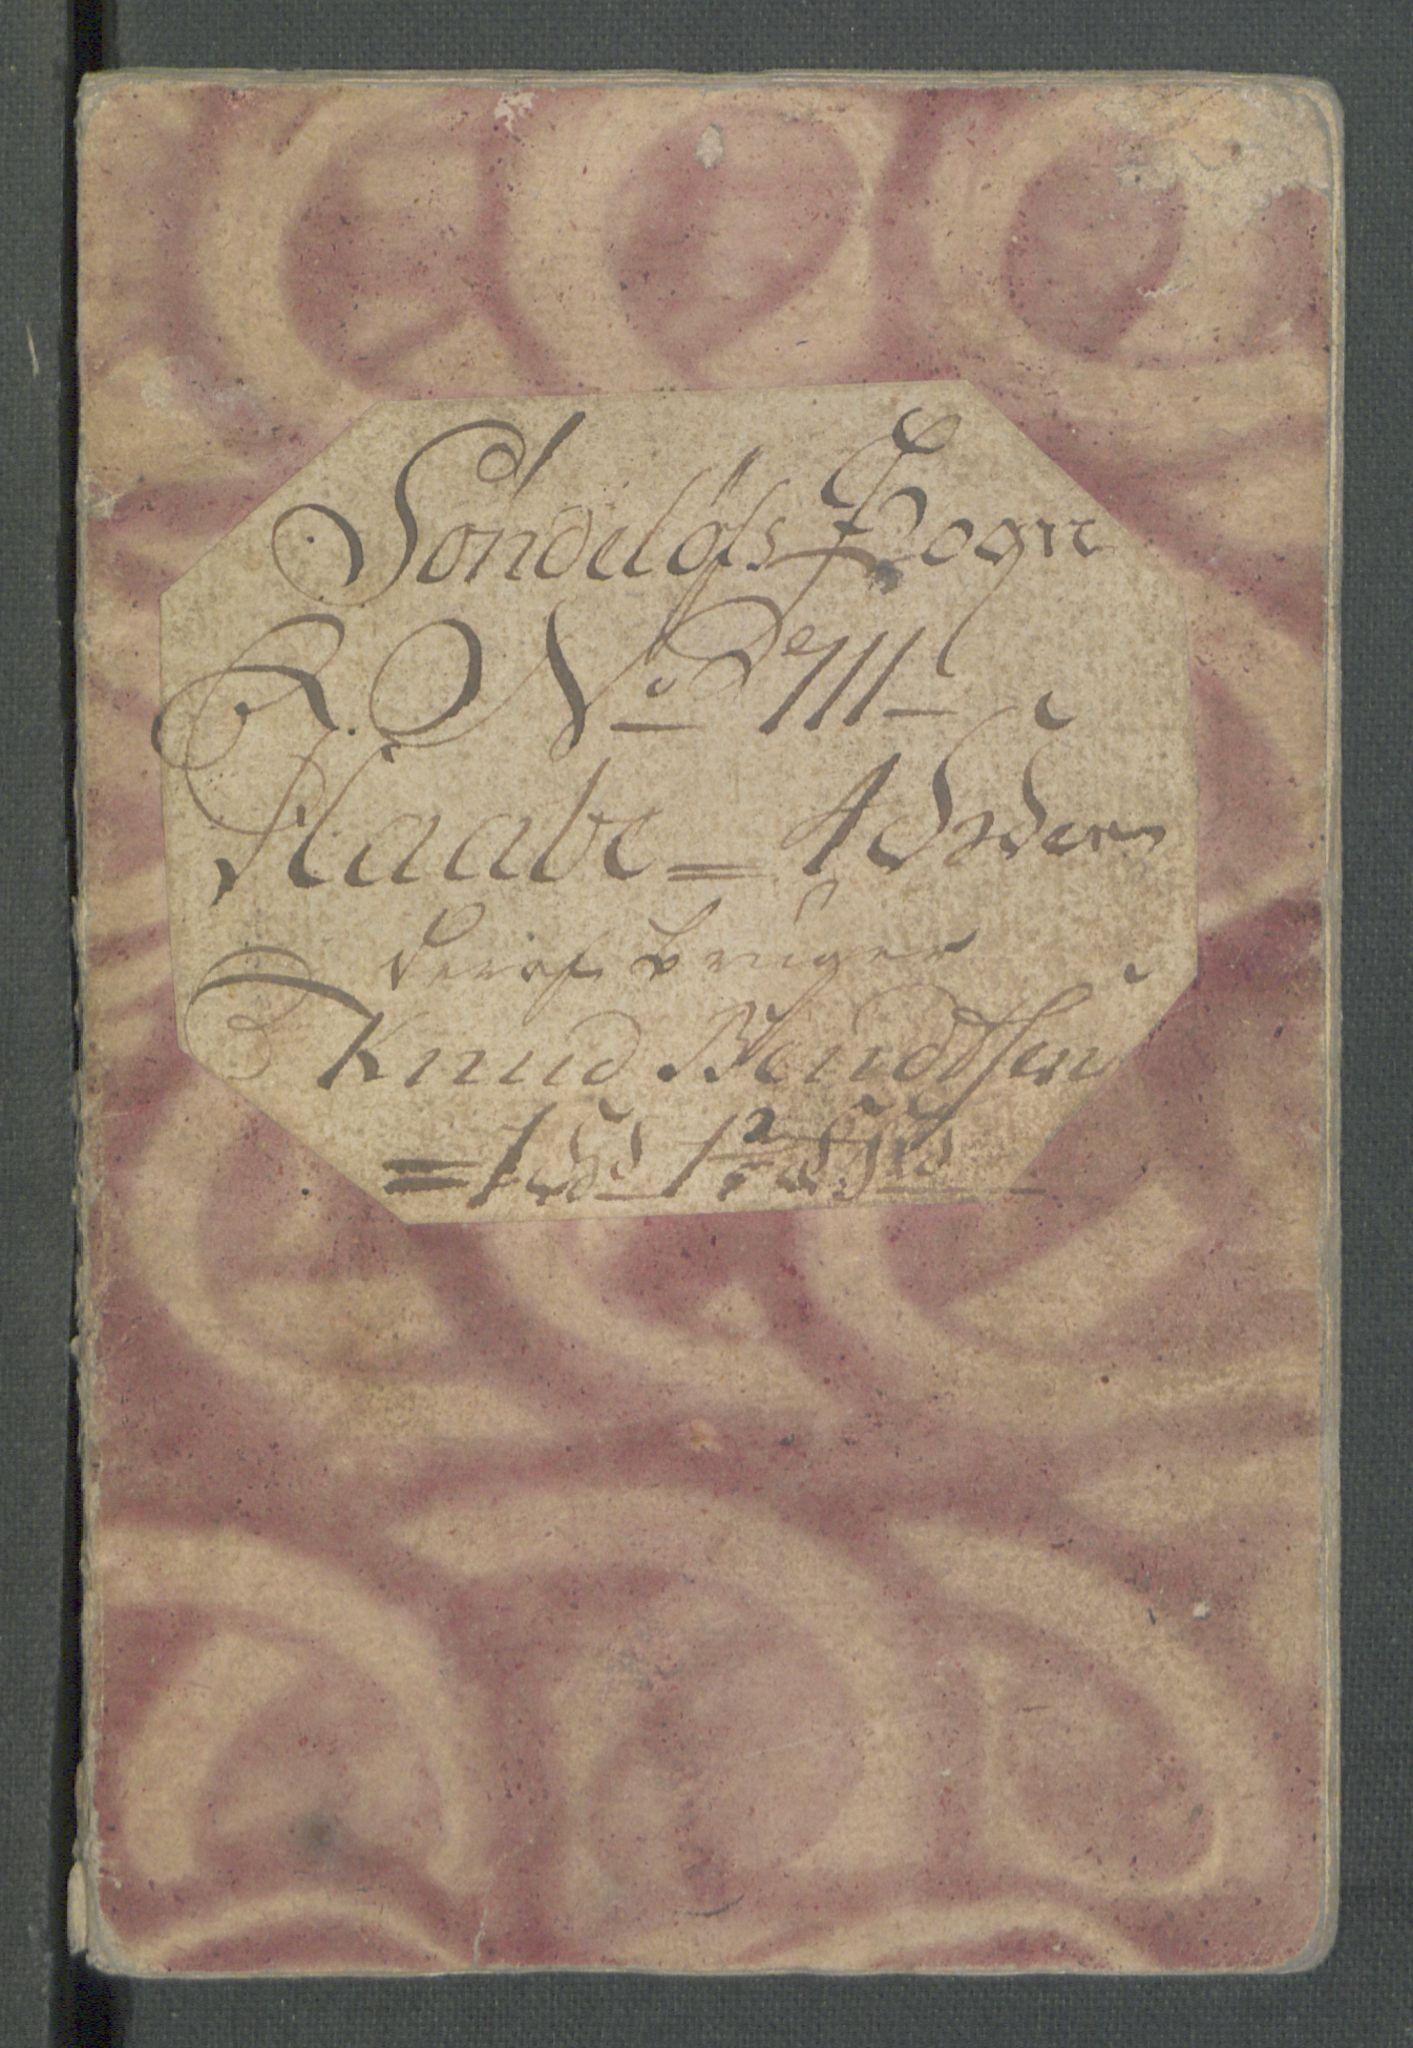 RA, Rentekammeret inntil 1814, Realistisk ordnet avdeling, Od/L0001: Oppløp, 1786-1769, s. 196